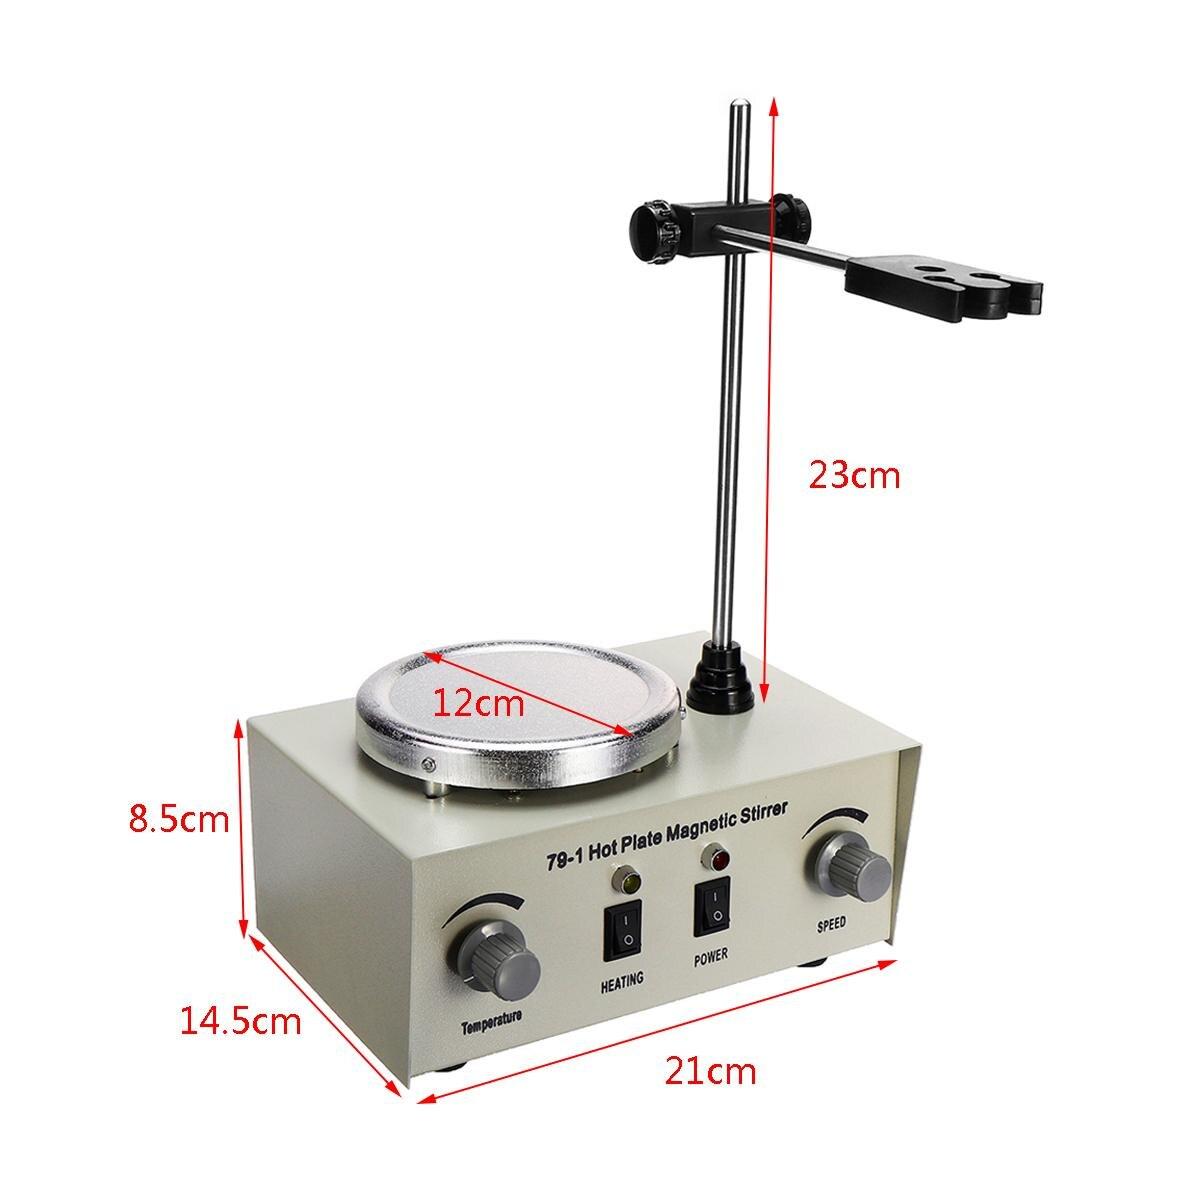 Agitateur magnétique à plaque chauffante chauffage de laboratoire 79-1 110/220 V 250 W 1000 ml mélangeur à double commande US/AU/EU Protection contre les fusibles anti-bruit/vibrations - 5